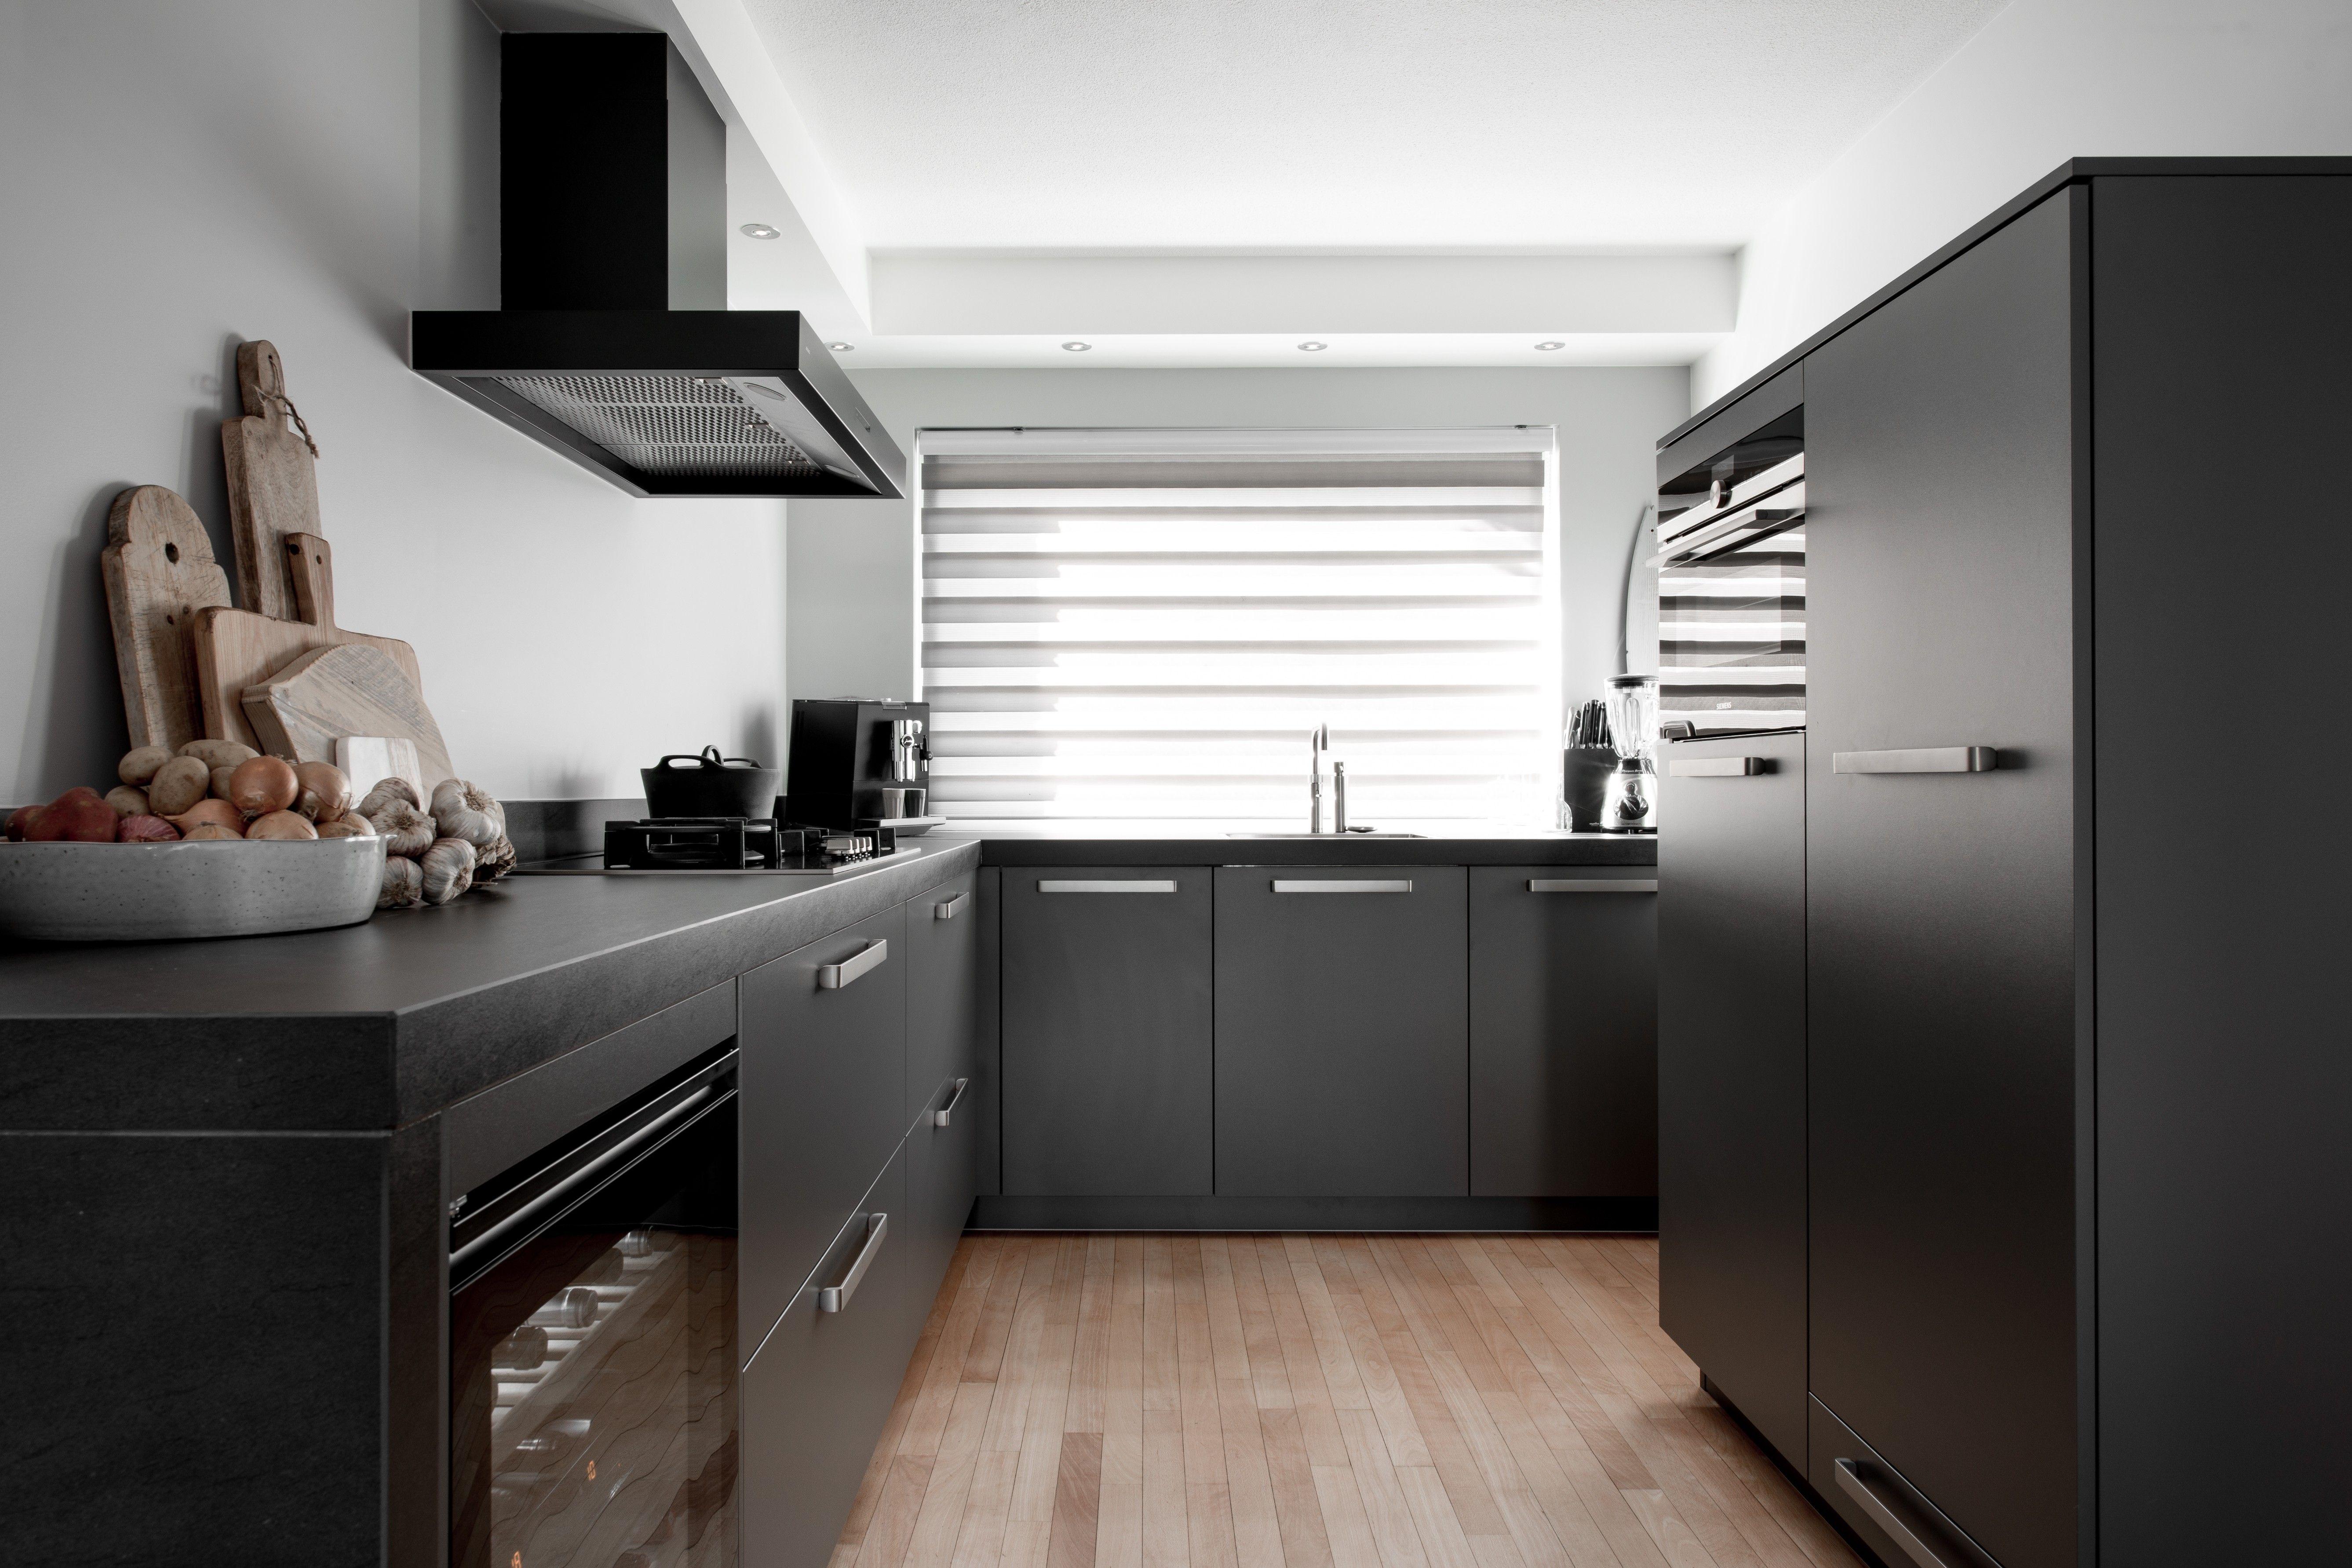 Keukenkasten Met Apparatuur : Een donkergrijze keuken met witte wanden zwarte apparatuur en een